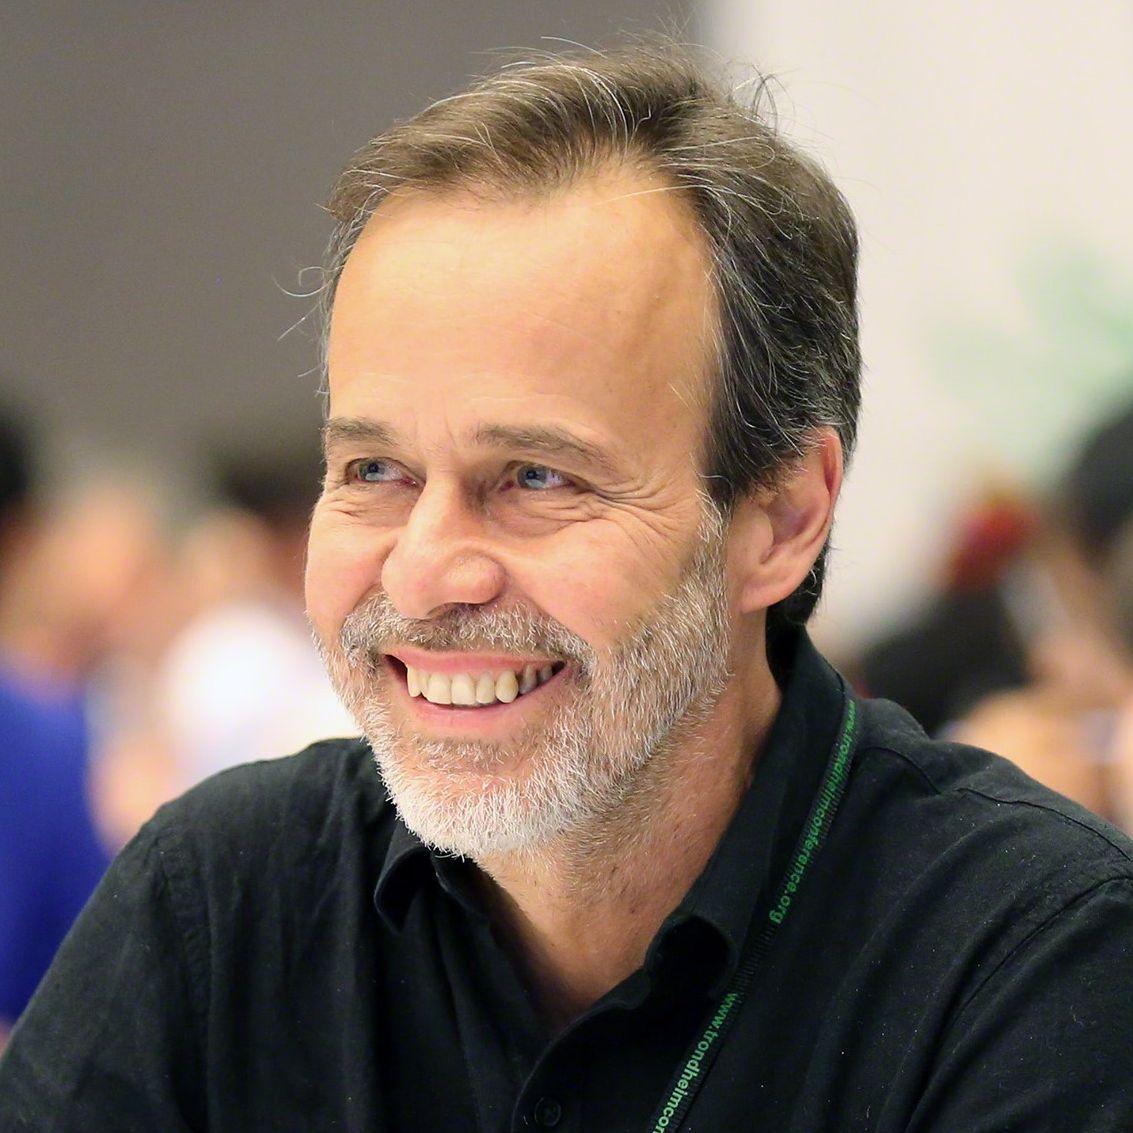 Eduardo S. Brondizio smiles while sitting at a table.